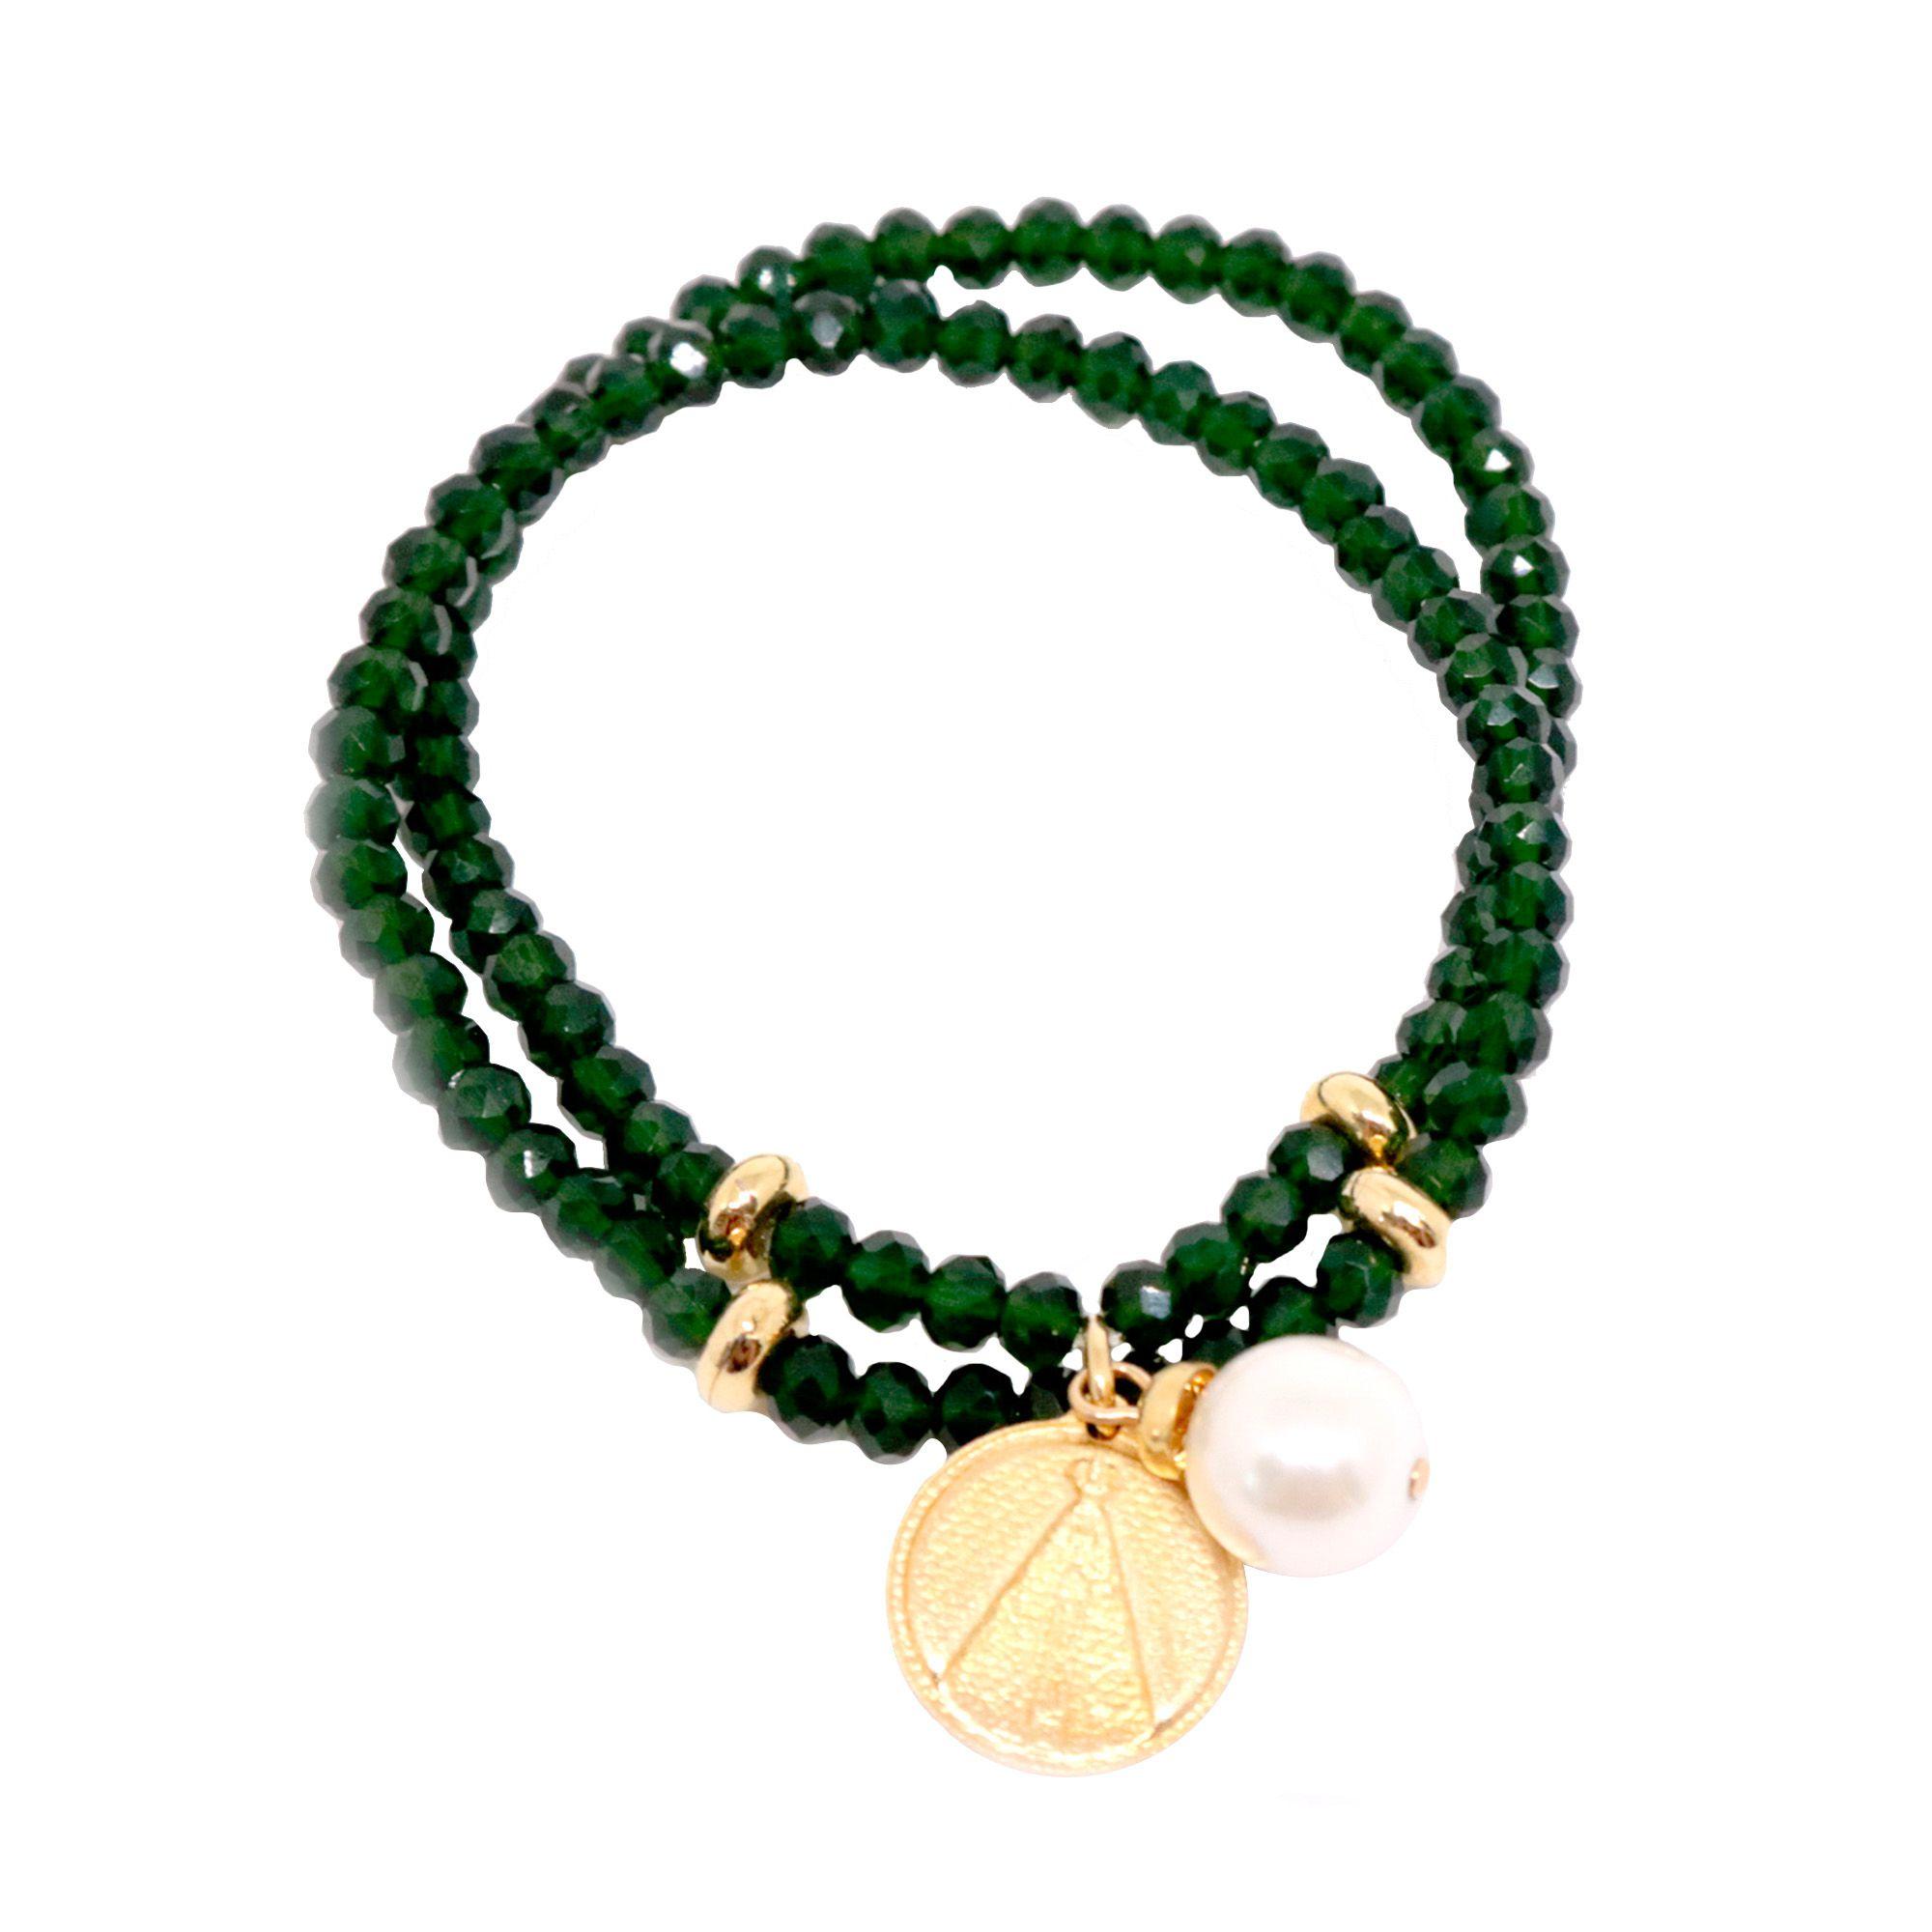 Pulseiras Semi joia  Cristais com Medalhinhas banhadas a ouro 18k ou rhodium